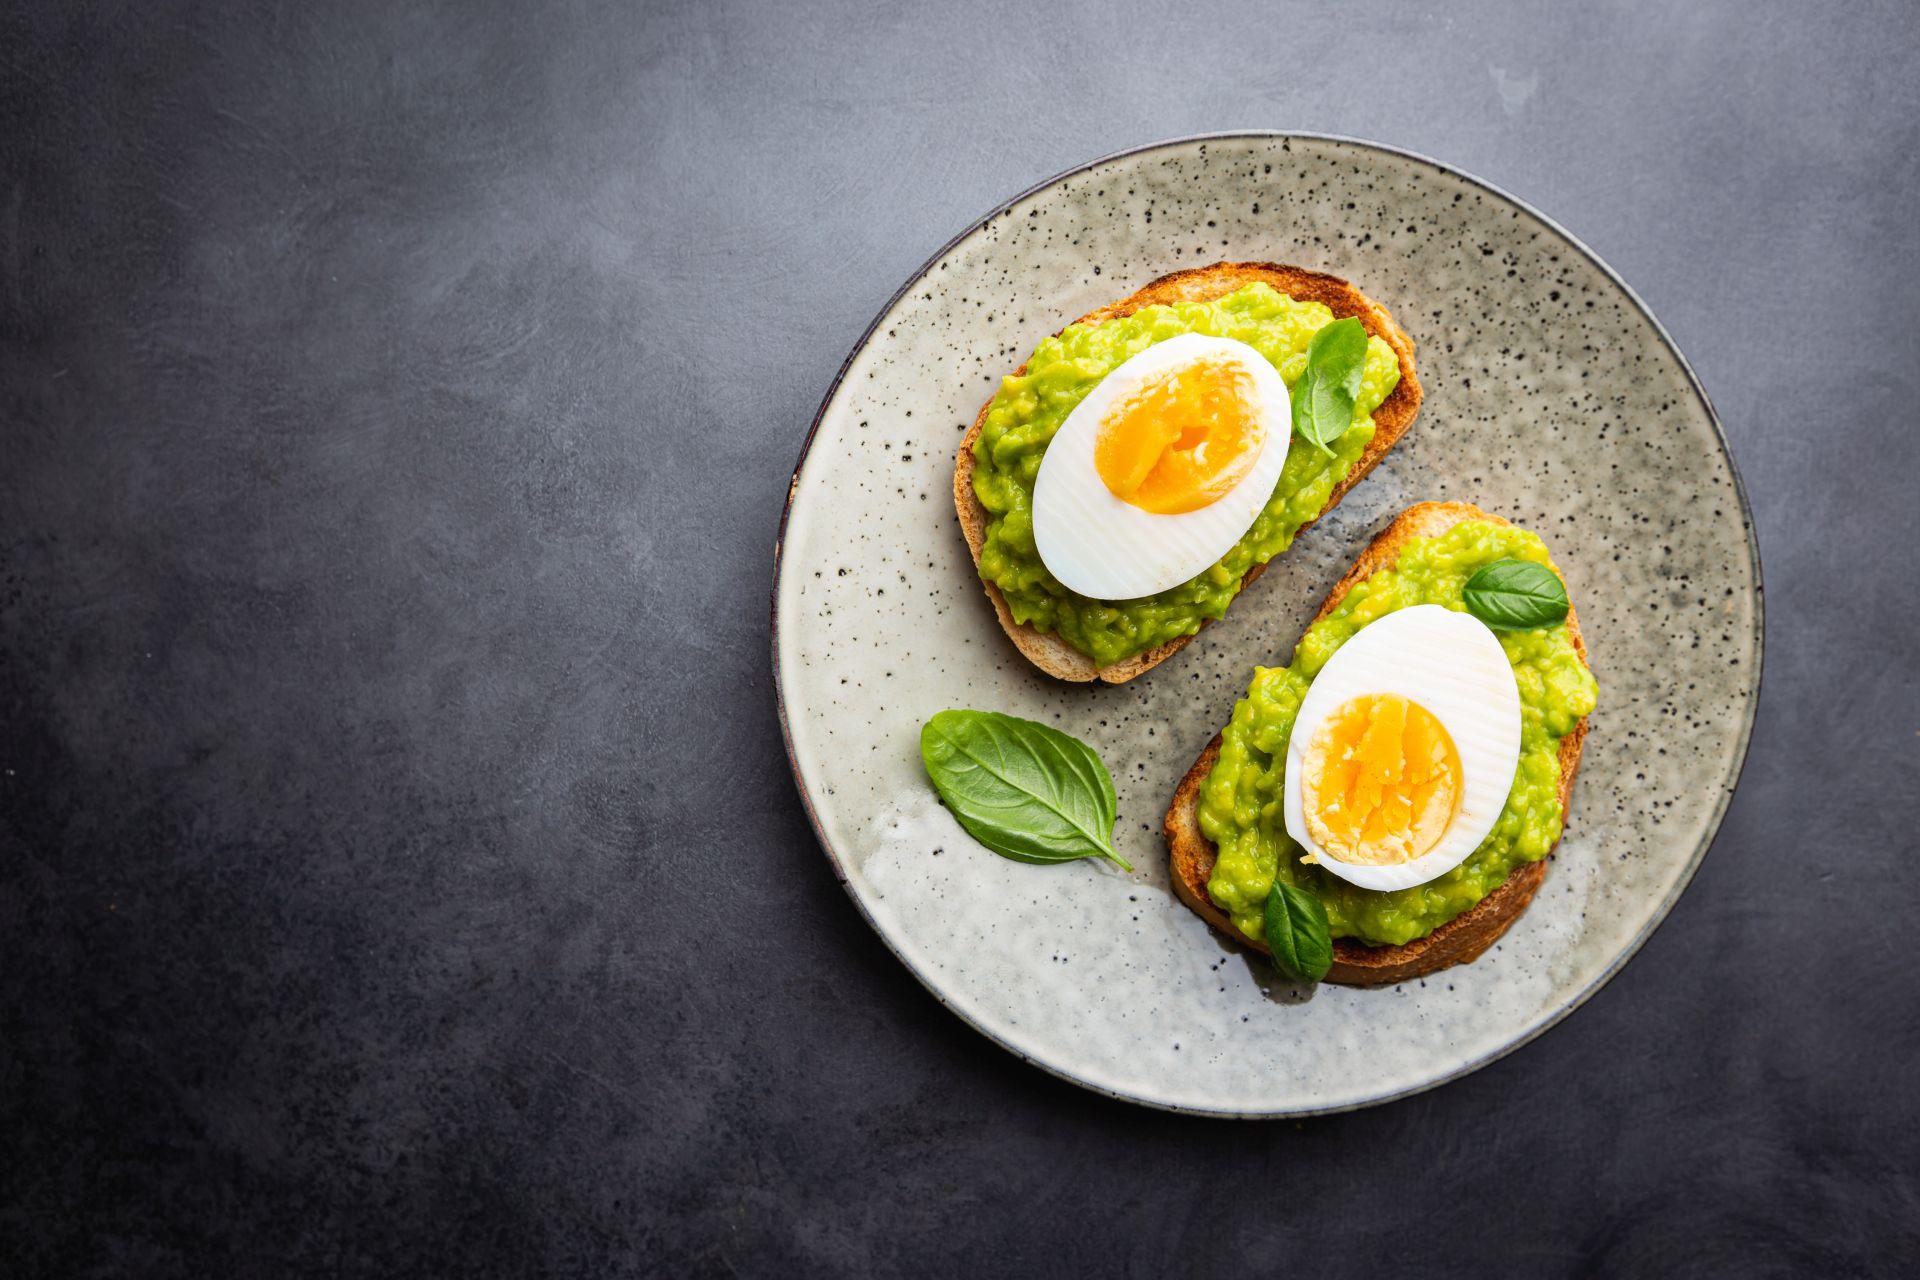 Cholesterol a jajka - czy wpływają na podwyższenie jego poziomu? Sprawdź mity i fakty o cholesterolu i dowiedz się, jak niwelować ryzyko chorób serca.